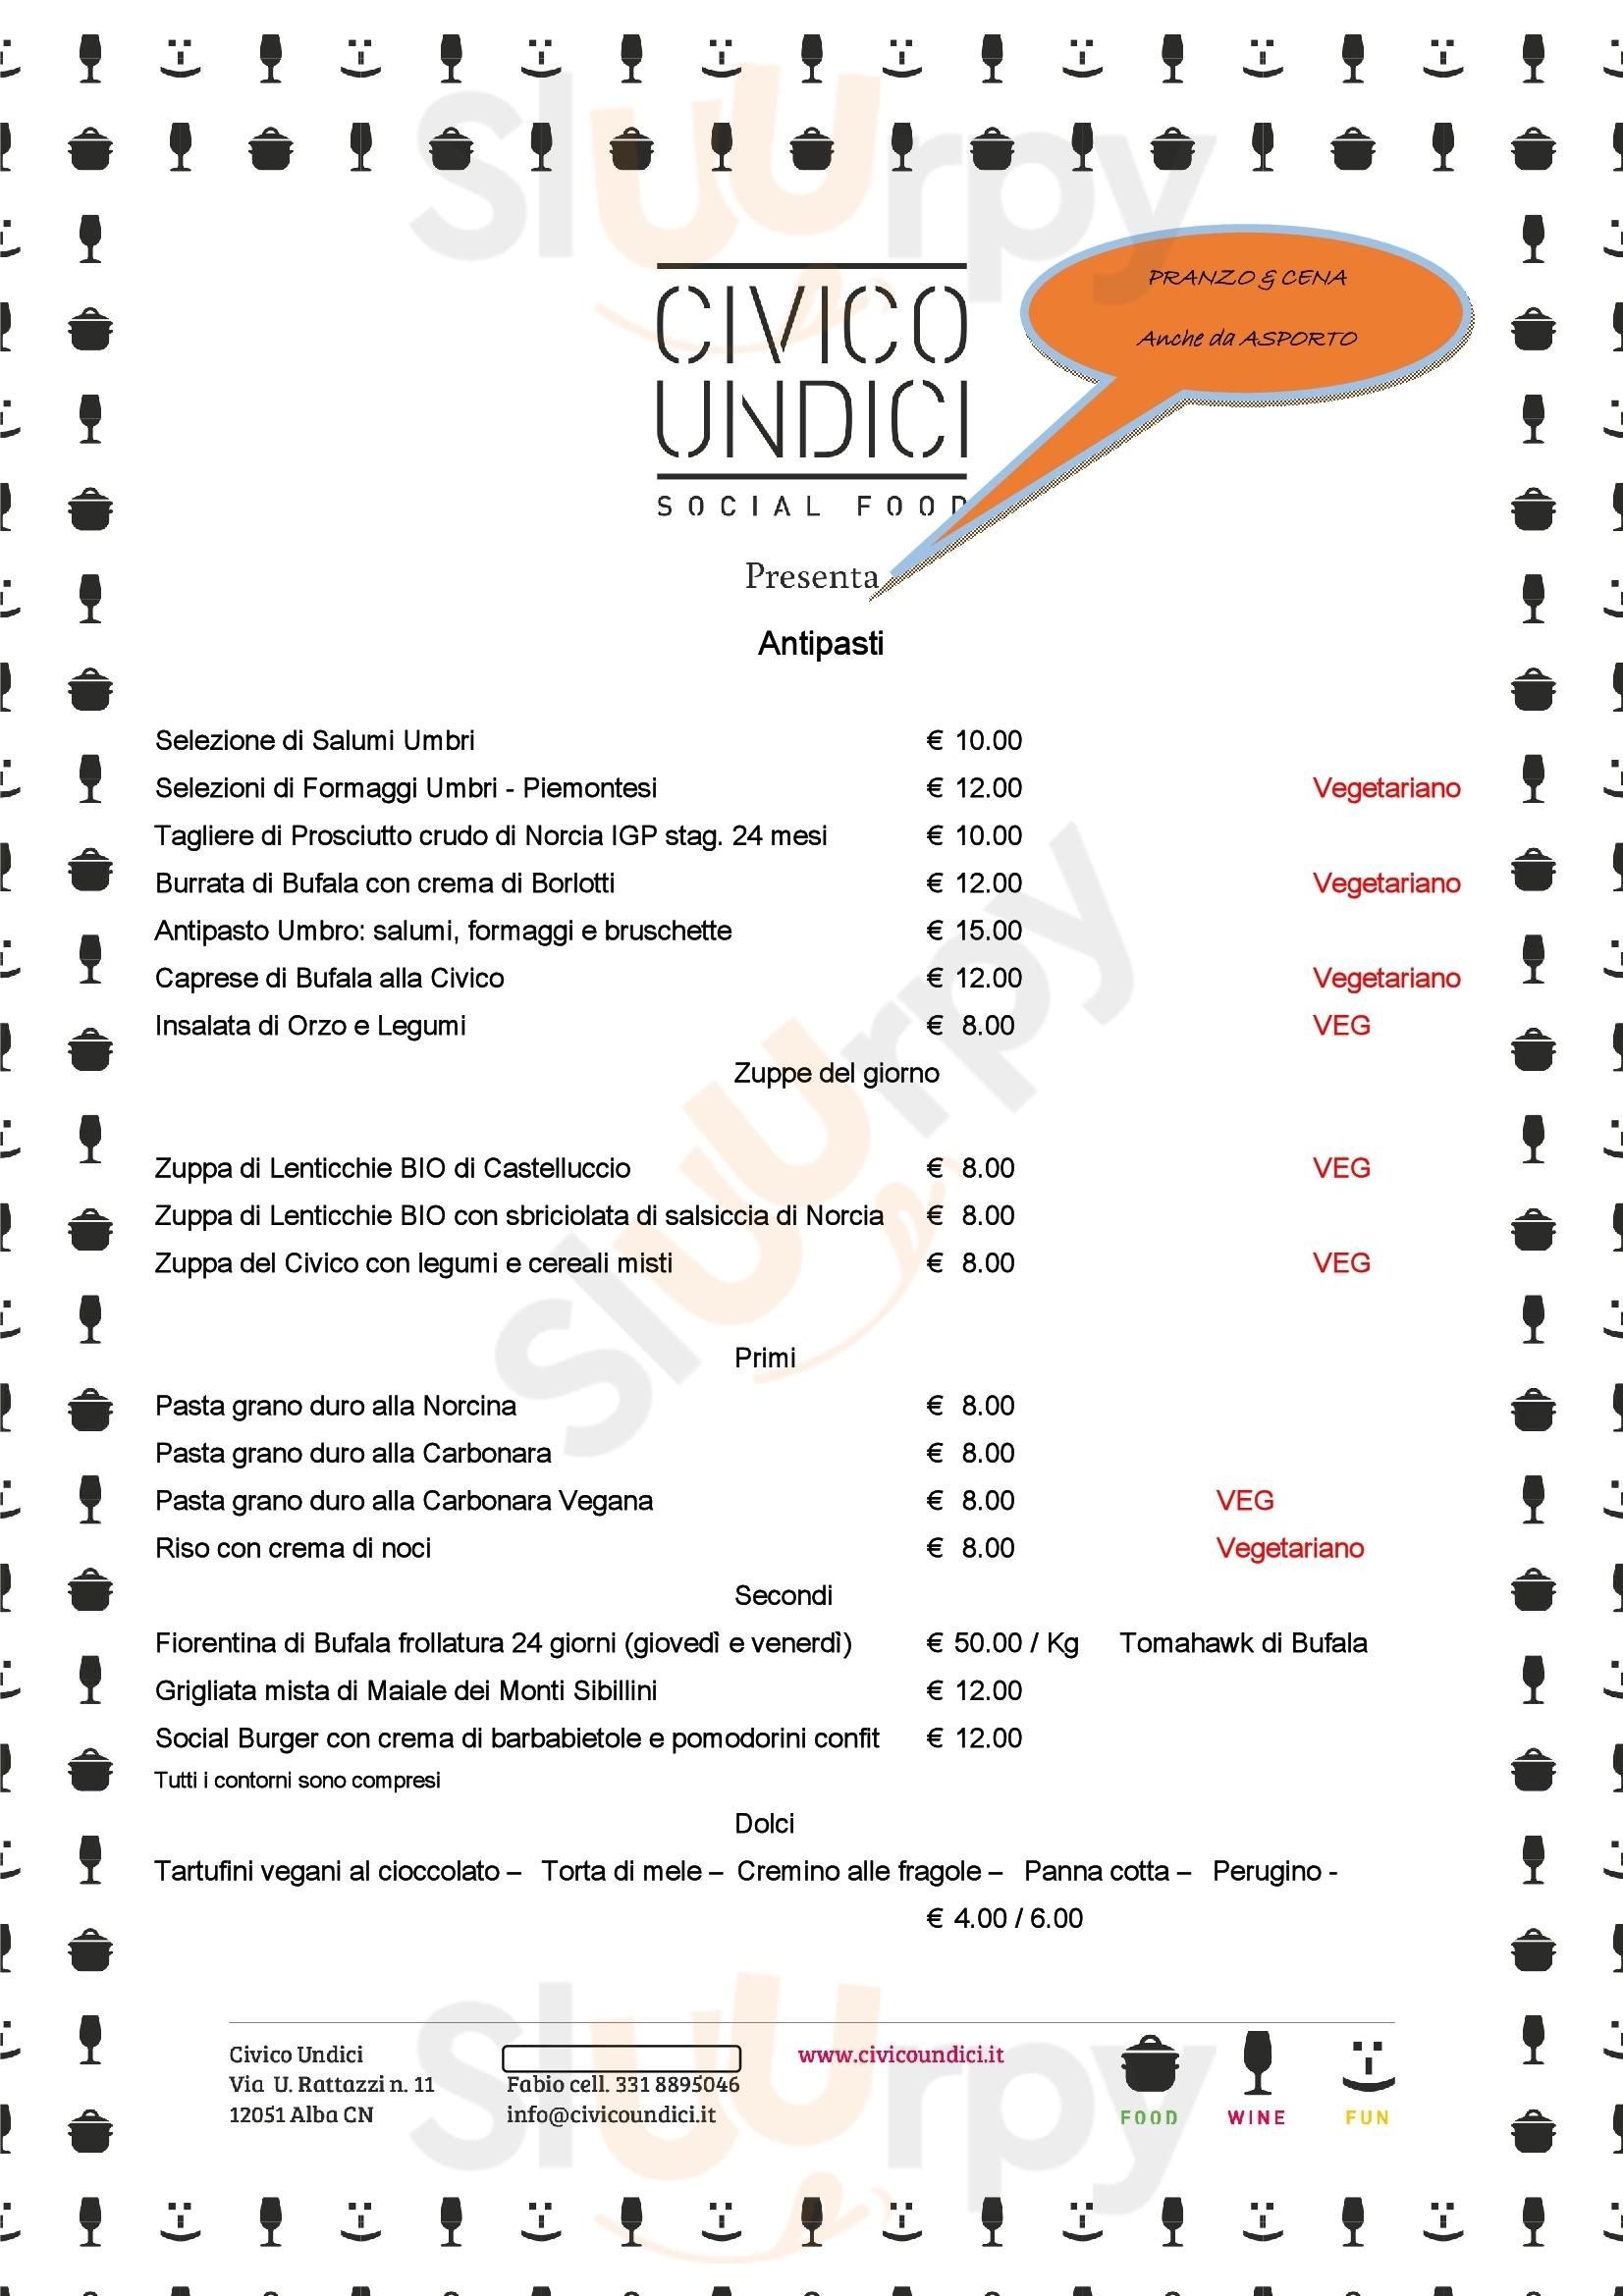 Civico Undici Social Food Alba menù 1 pagina